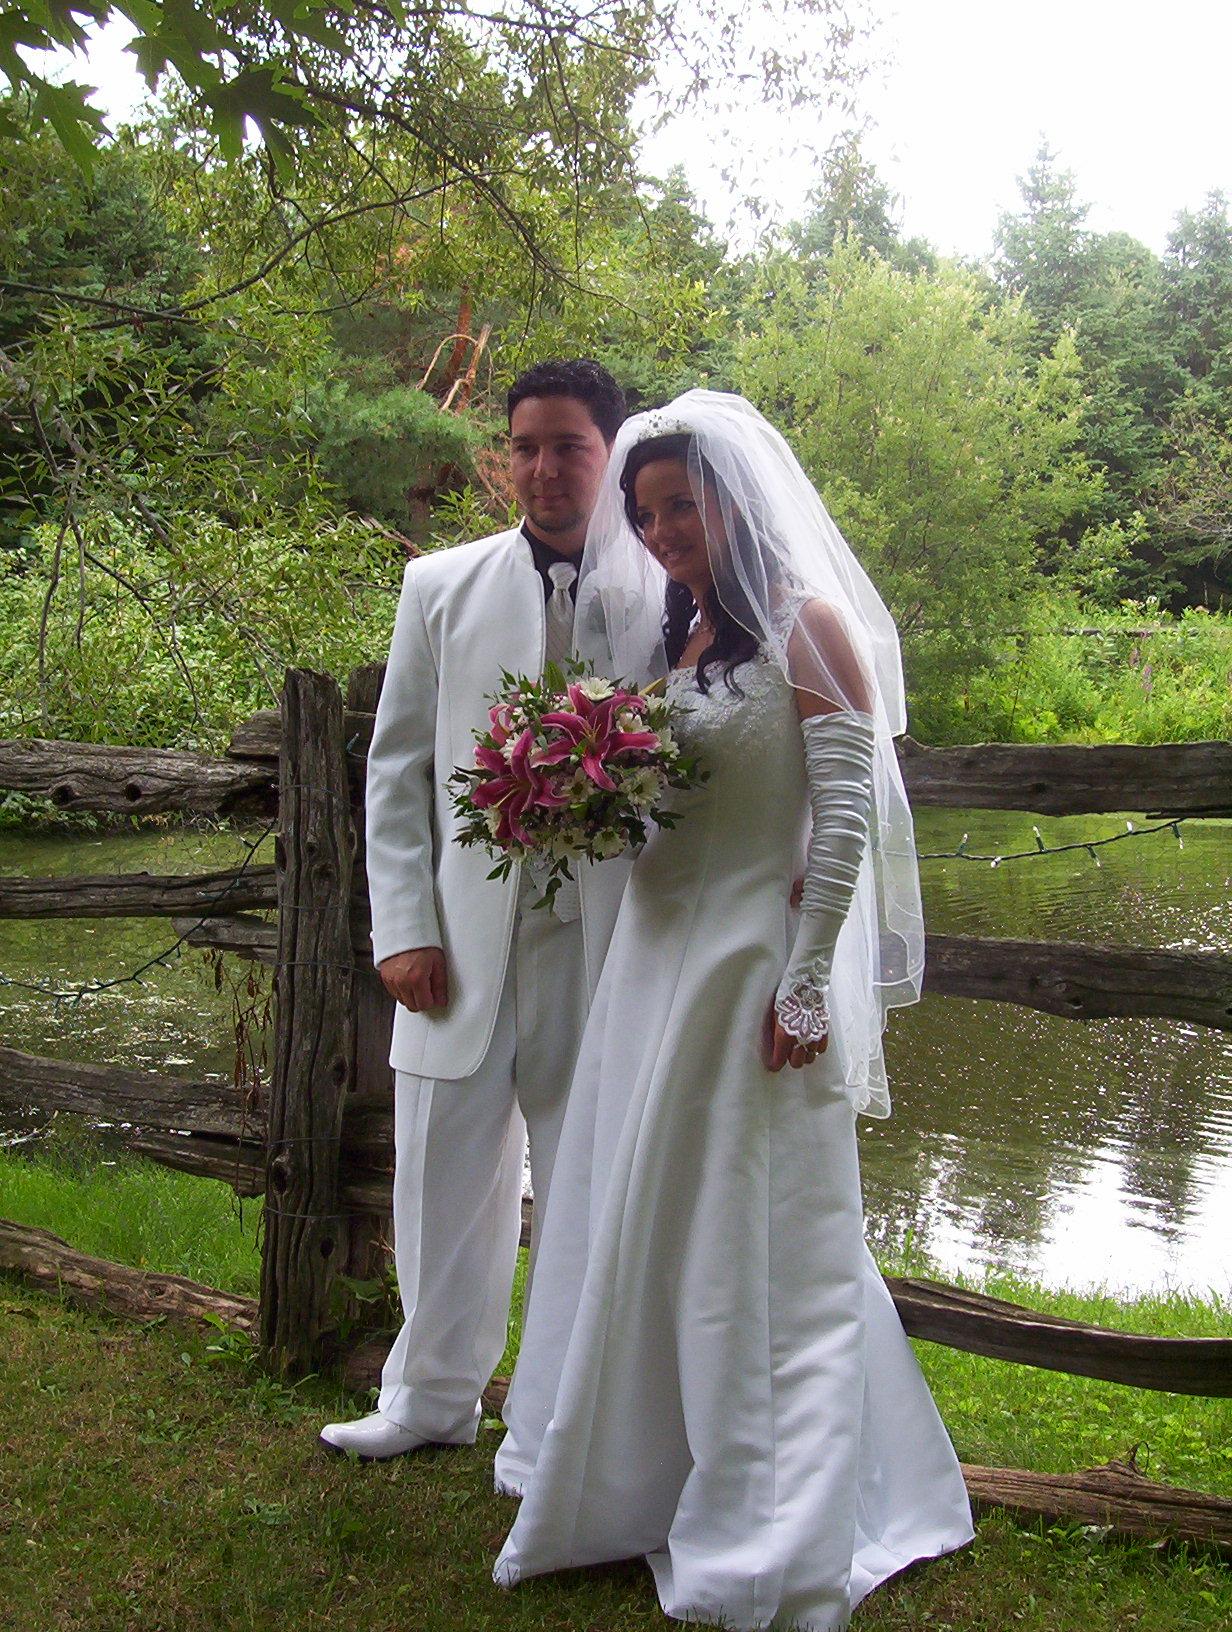 Le bien fonde de la virginite avant le mariage. de anémone de neef